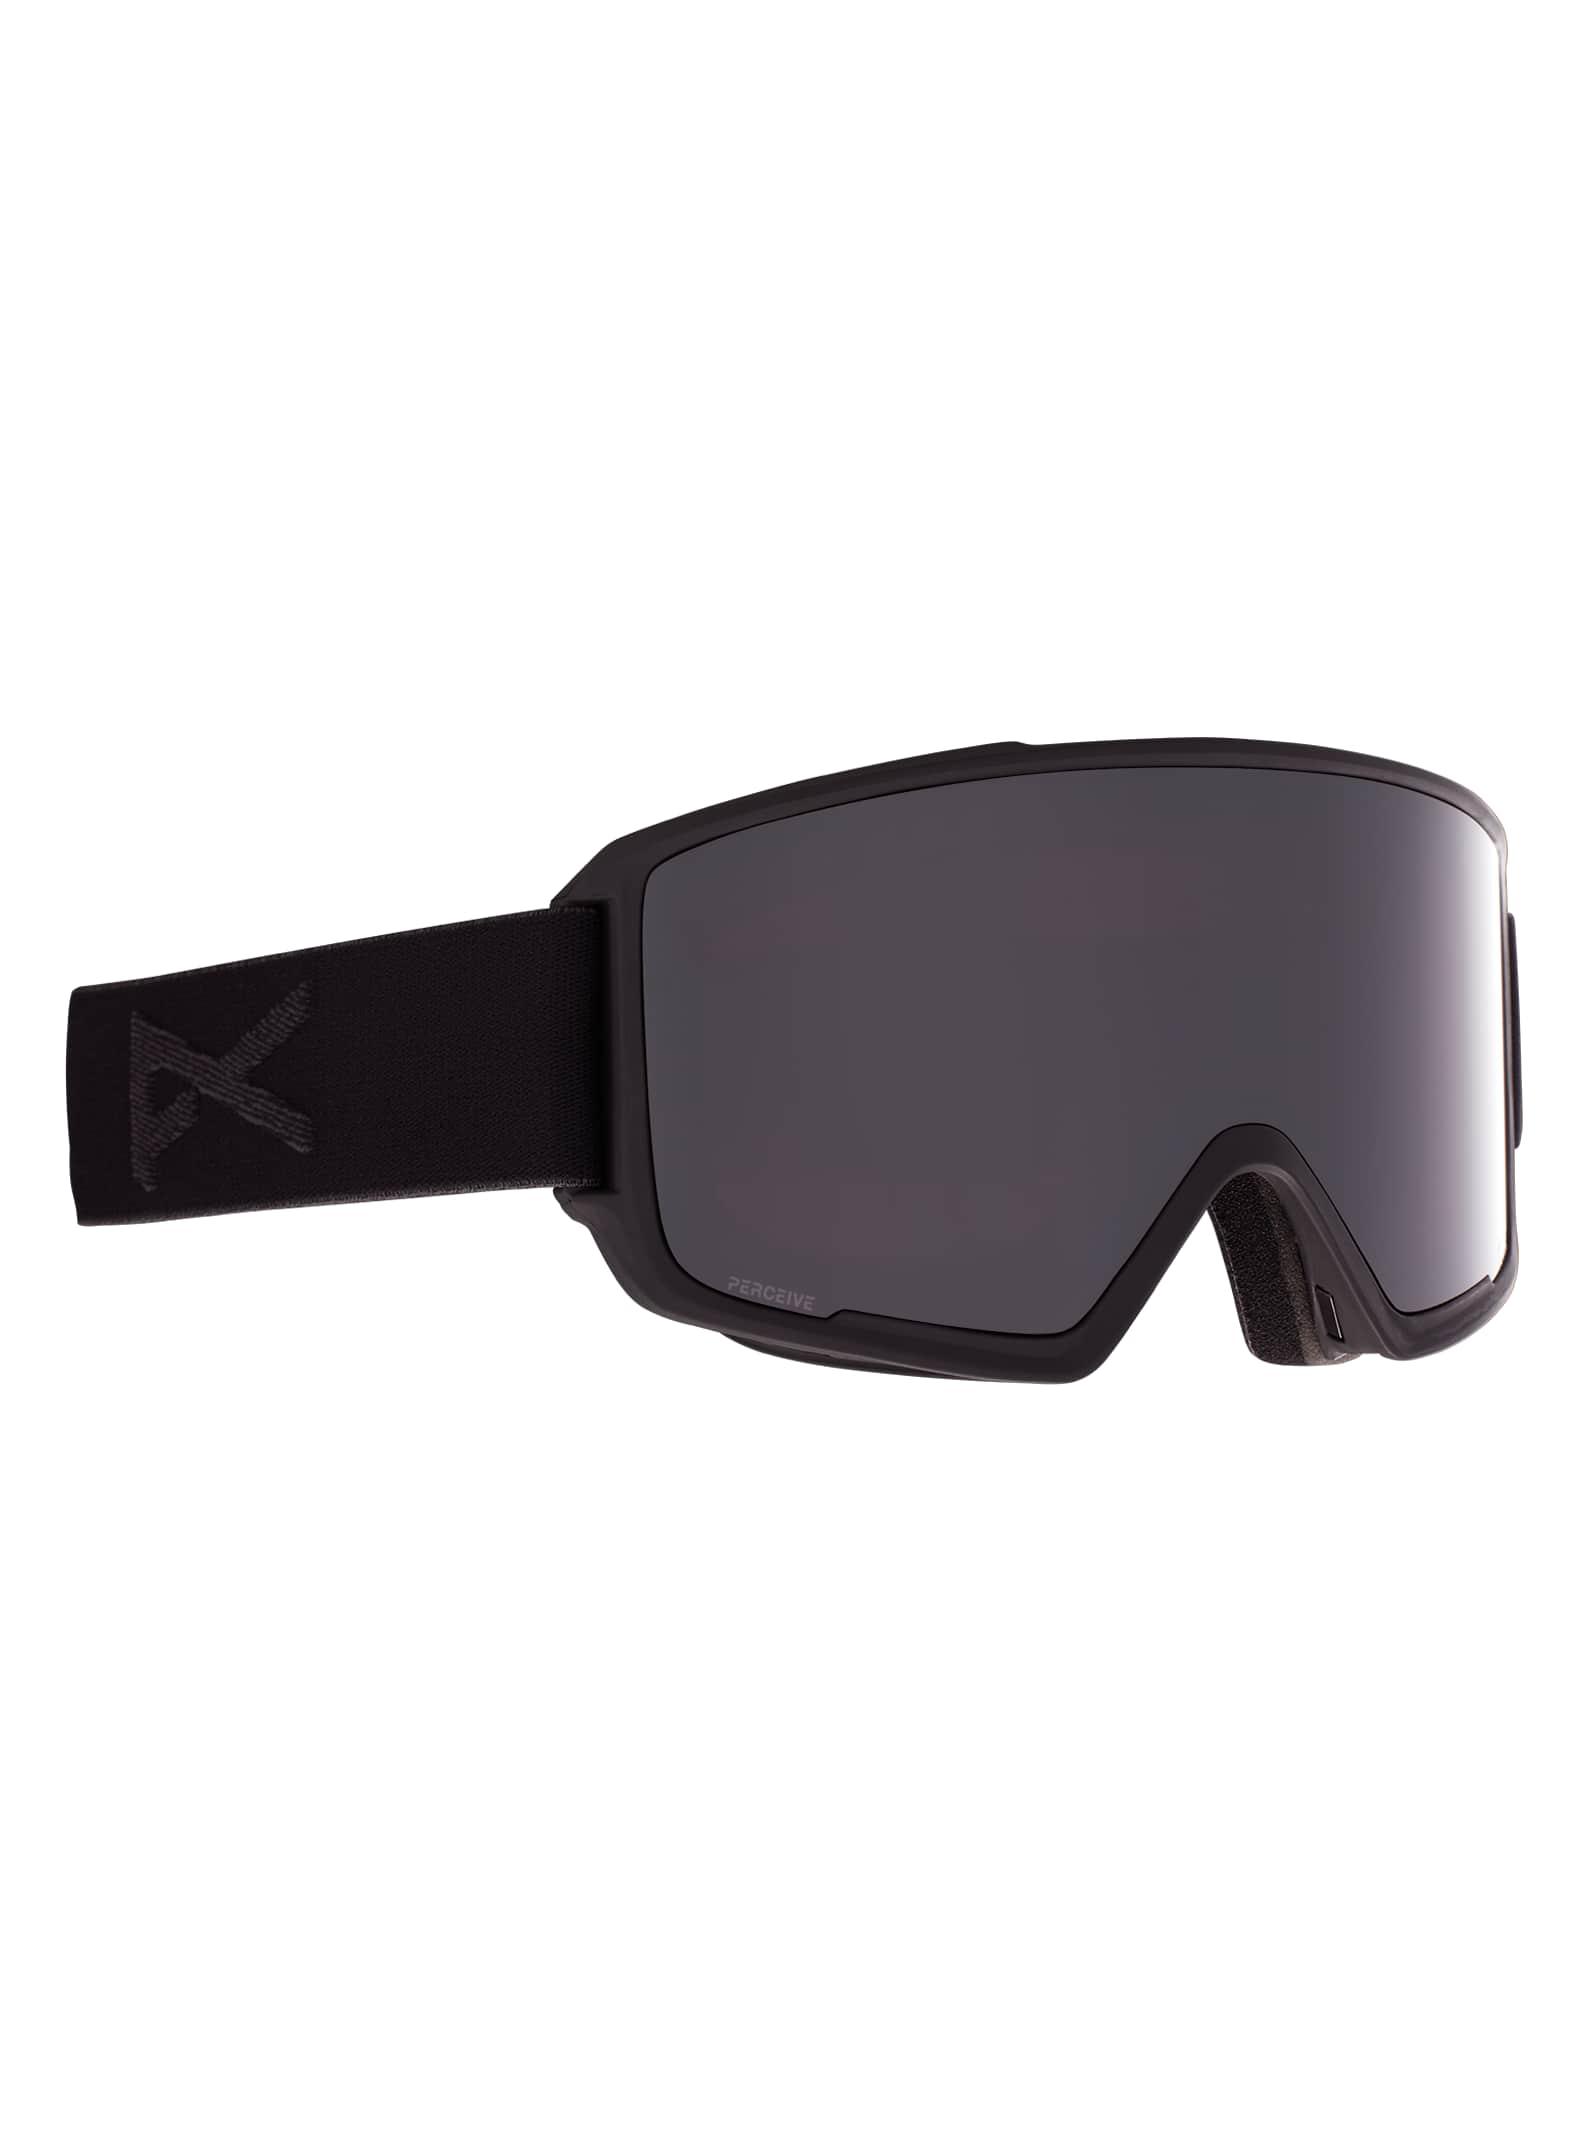 Anon M3 Snapback skidglasögon för herrar + reservlins